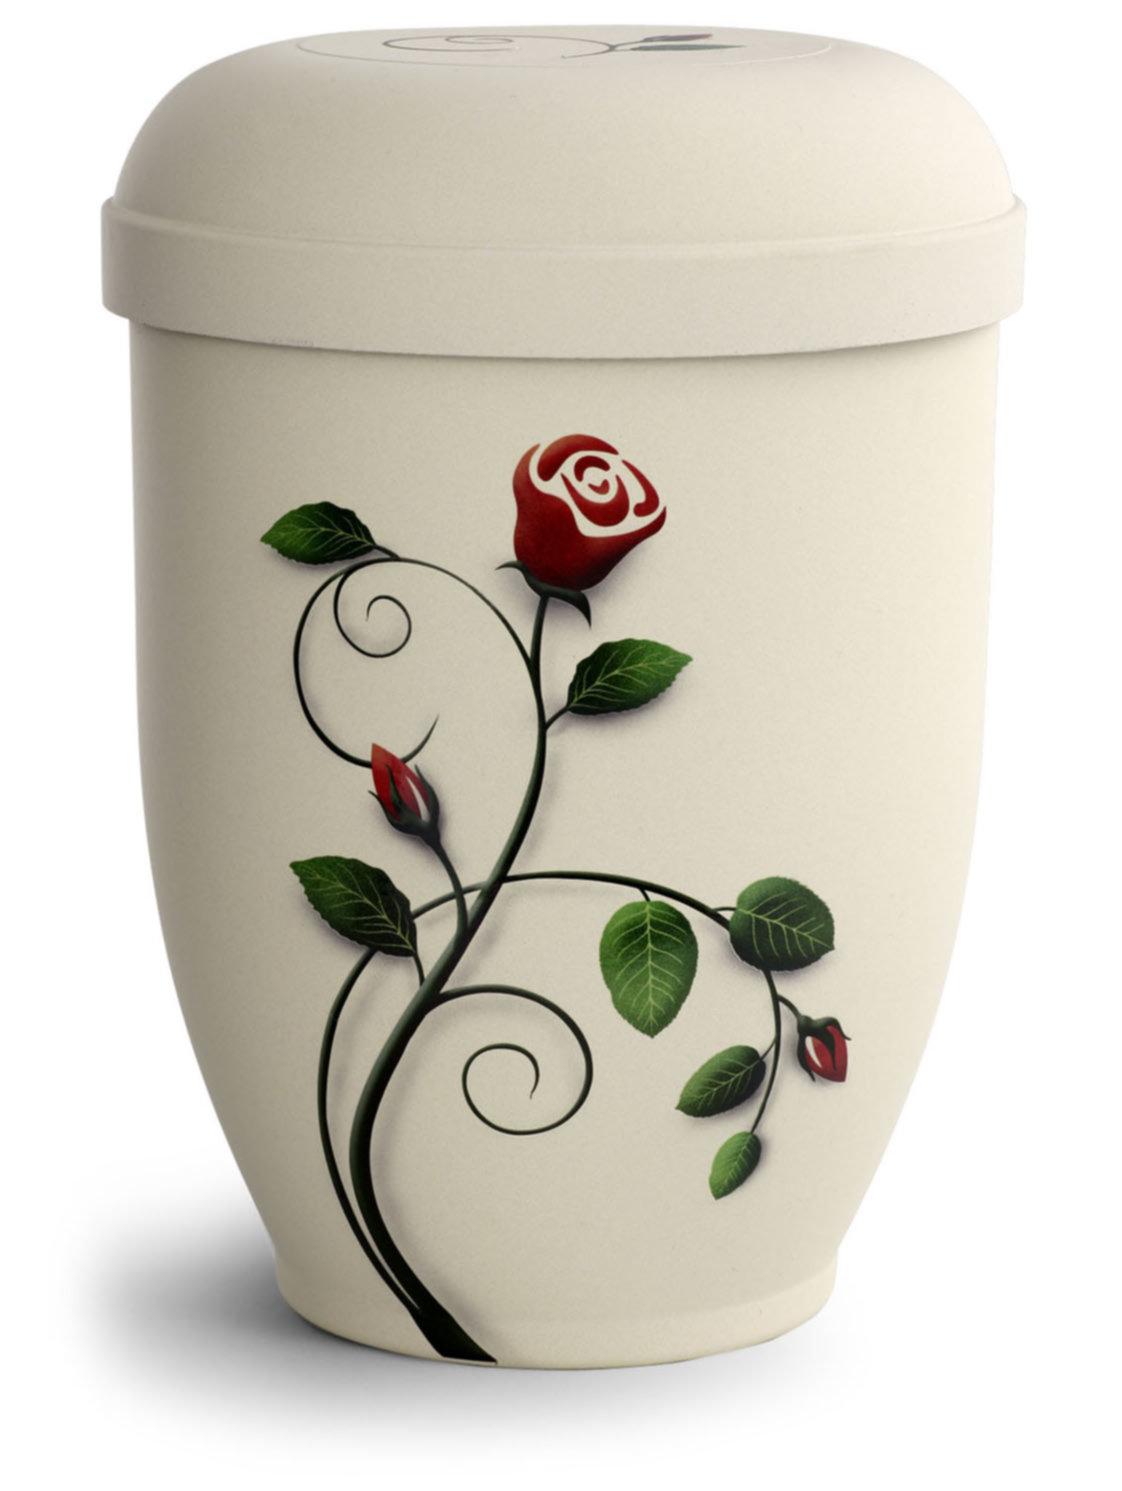 2023 rose